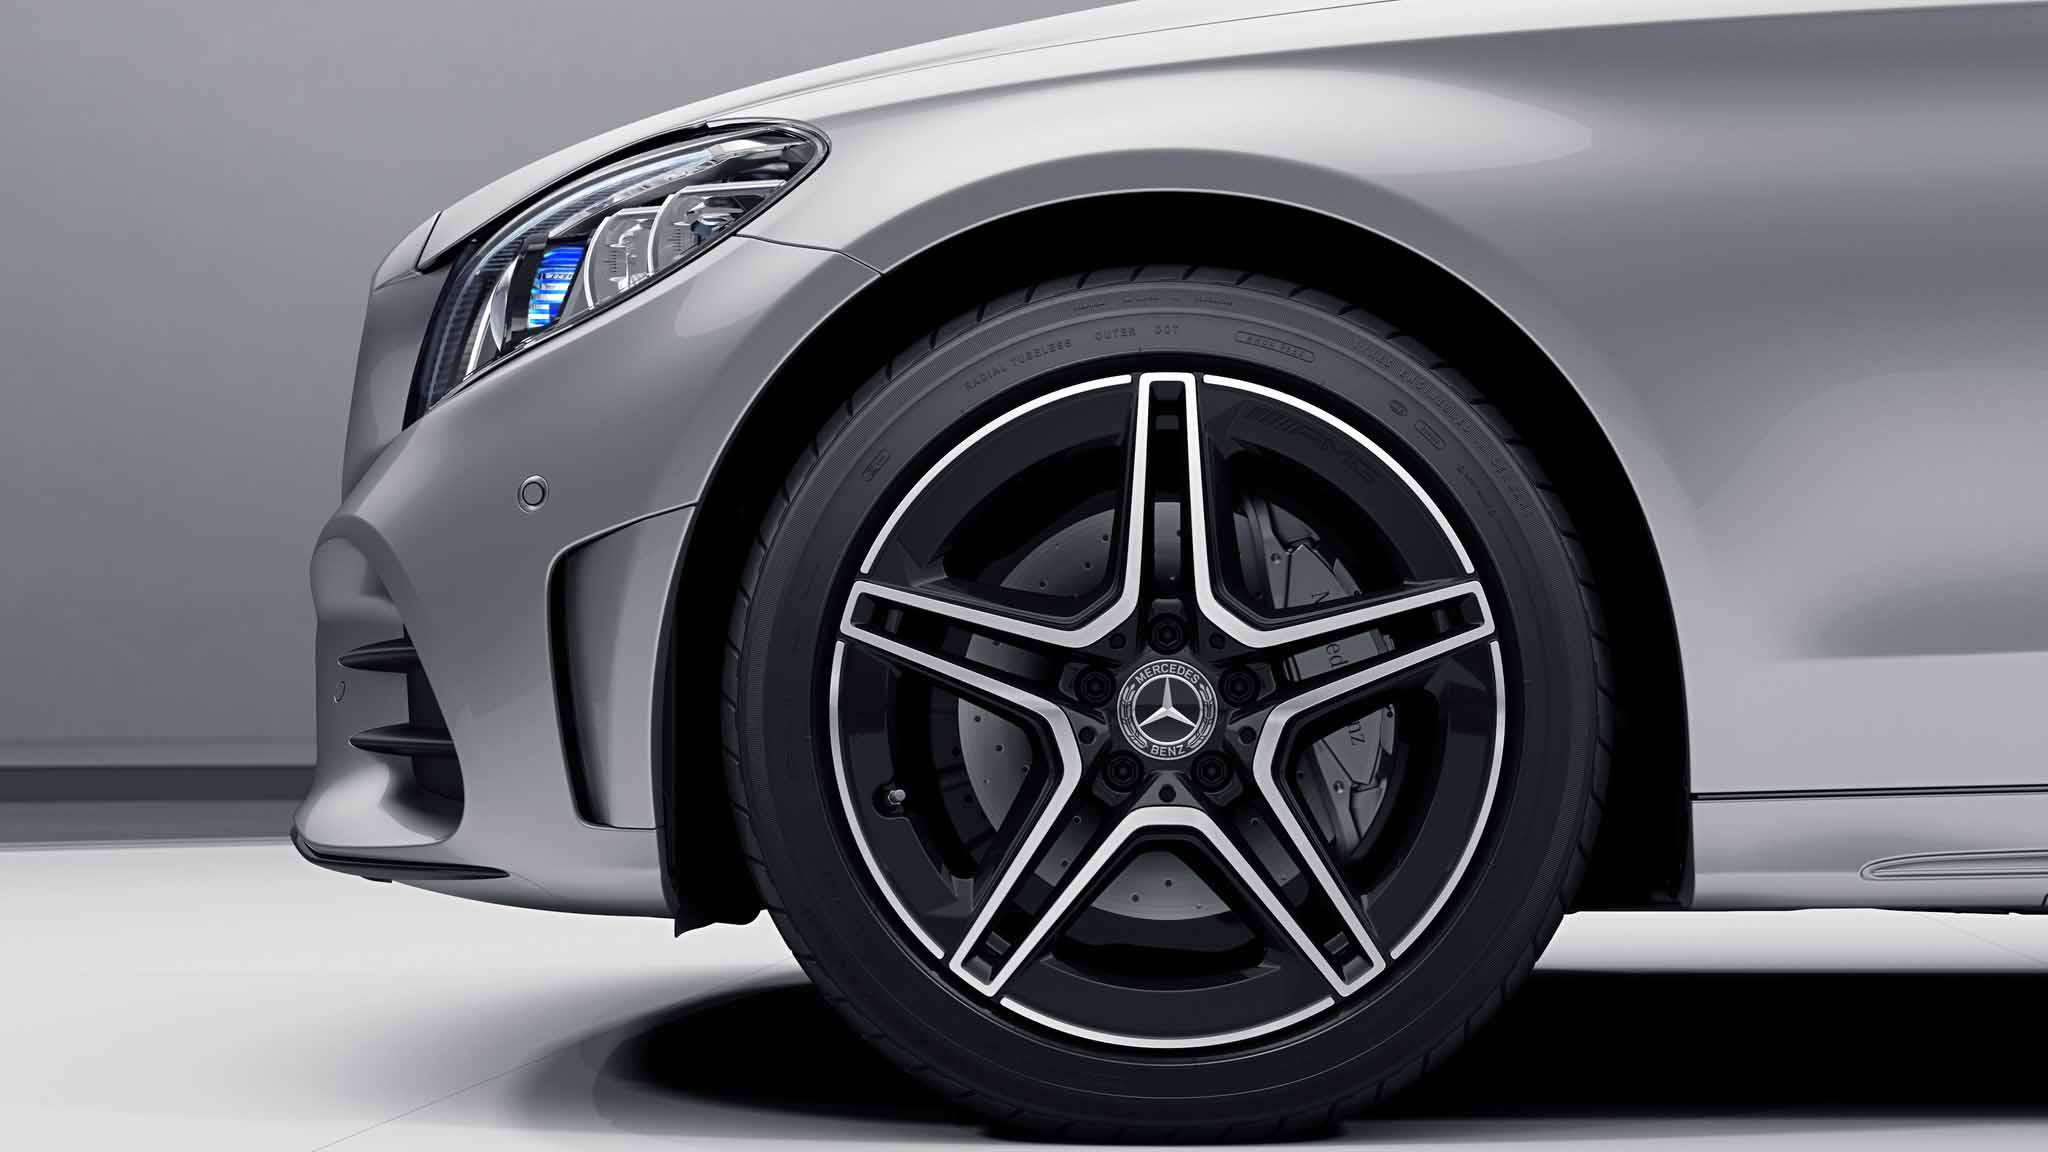 Jantes AMG 18 à 5 branches noires de la Mercedes-Benz Classe C Berline